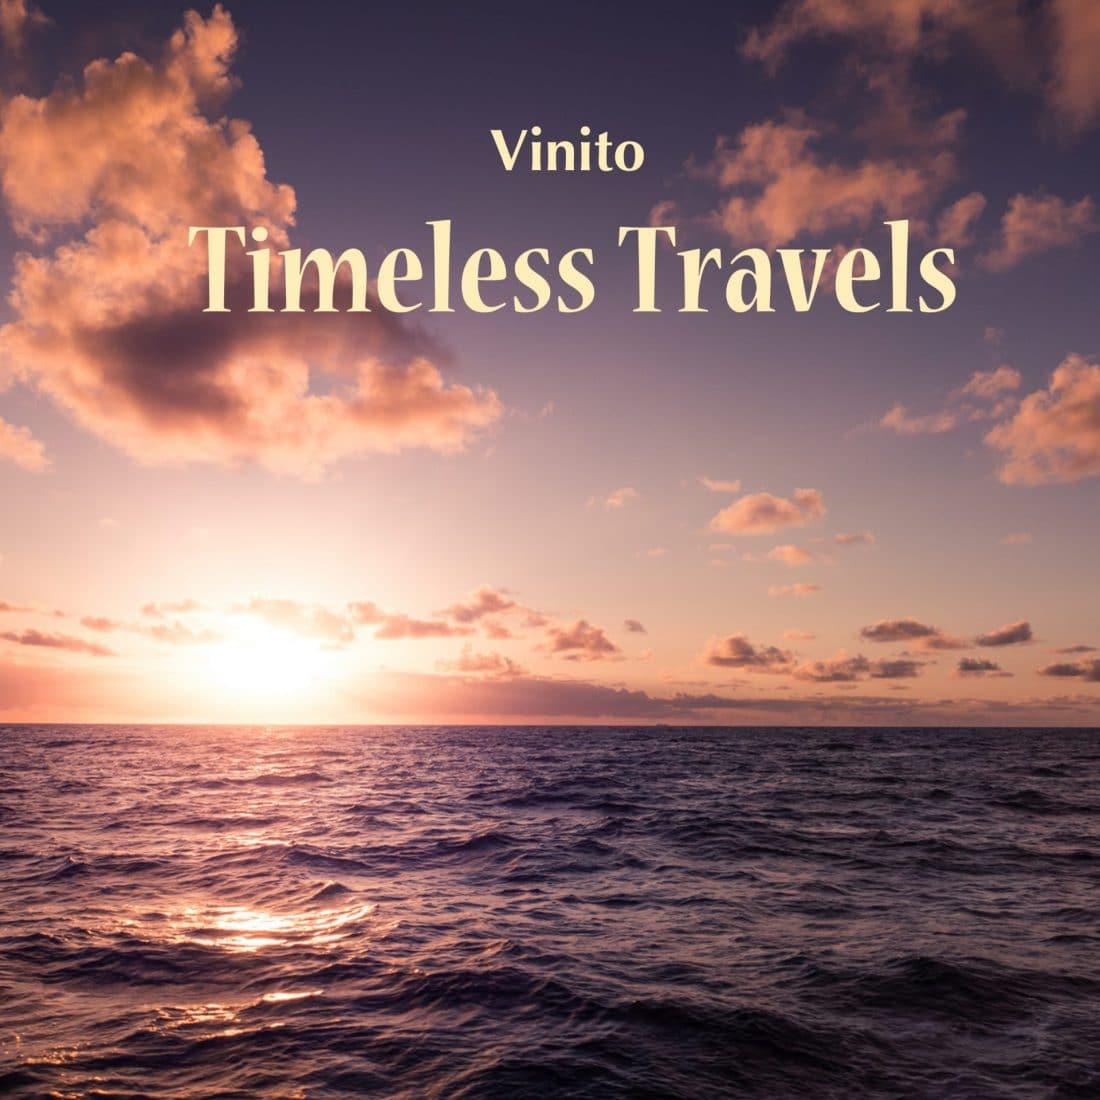 """Traumhafte entspannende Ambient-Musik für """"zeitlose Reisen"""" nach innen"""